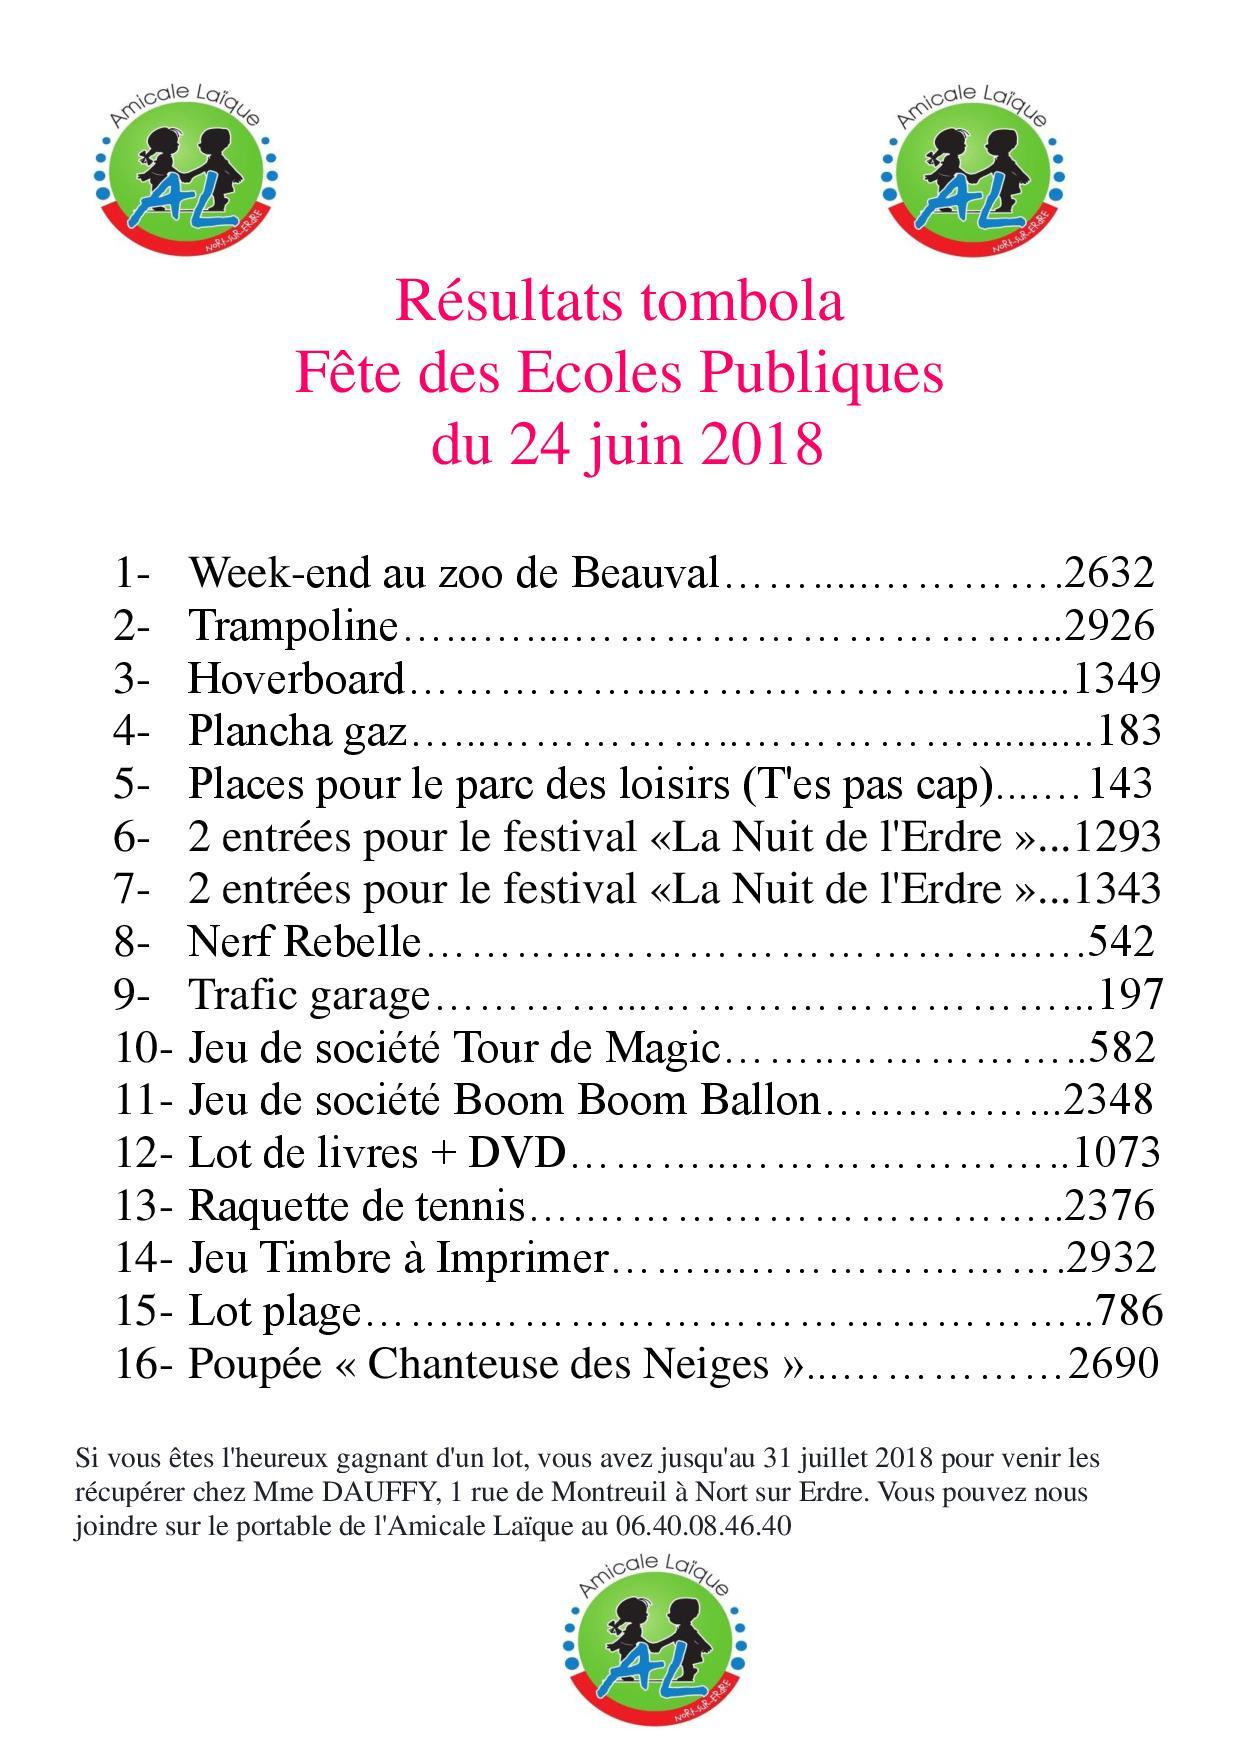 RÉSULTATS TOMBOLA – FÊTE DES ECOLES PUBLIQUES 2018